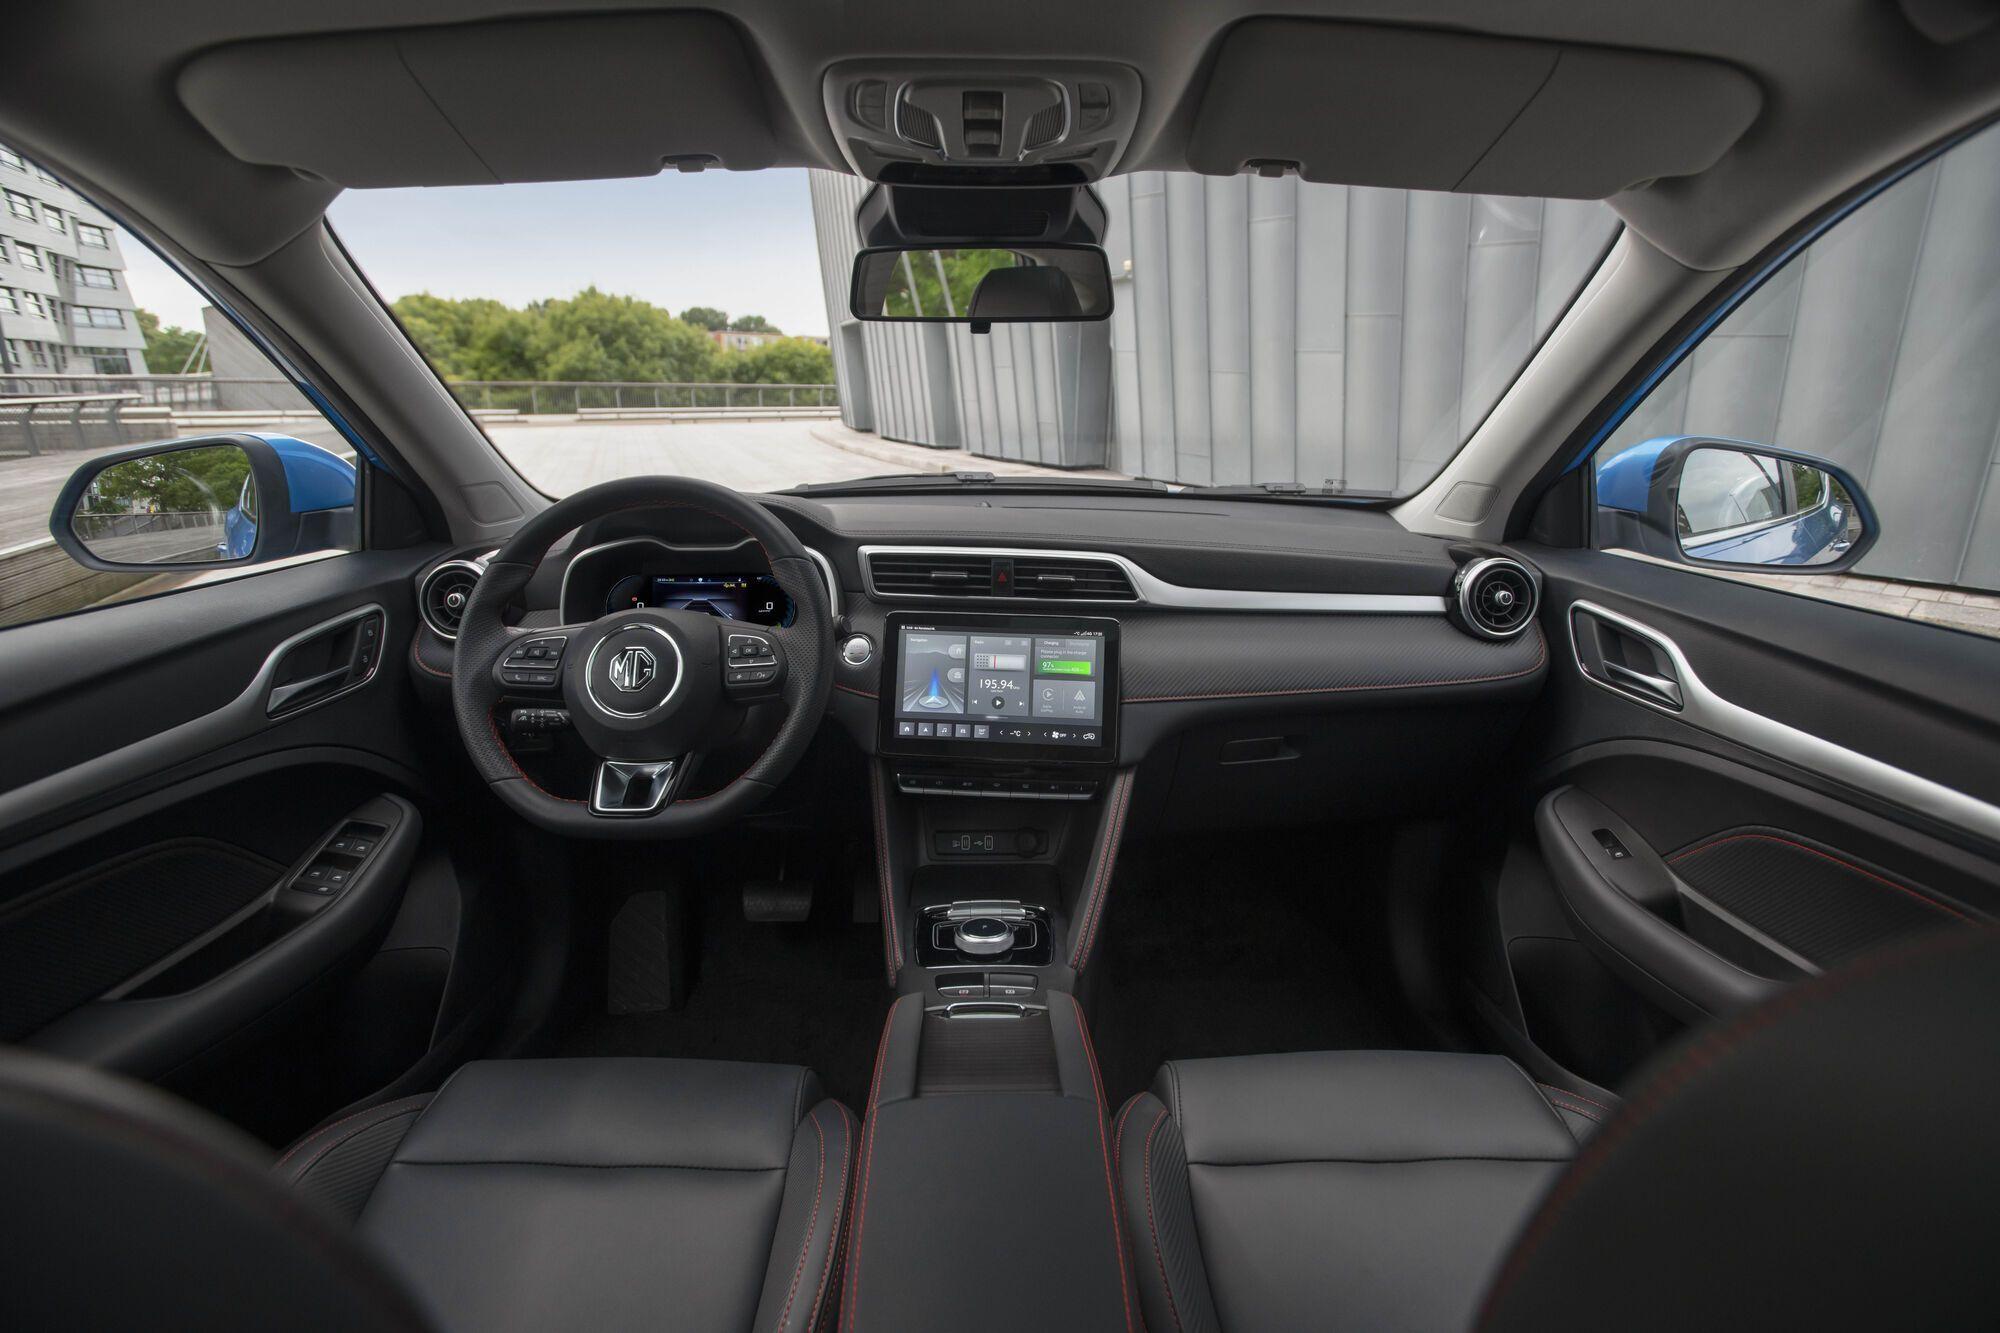 Обновленный MG ZS EV получил мультимедийную систему MG iSMART с 10,1-дюймовым сенсорным экраном